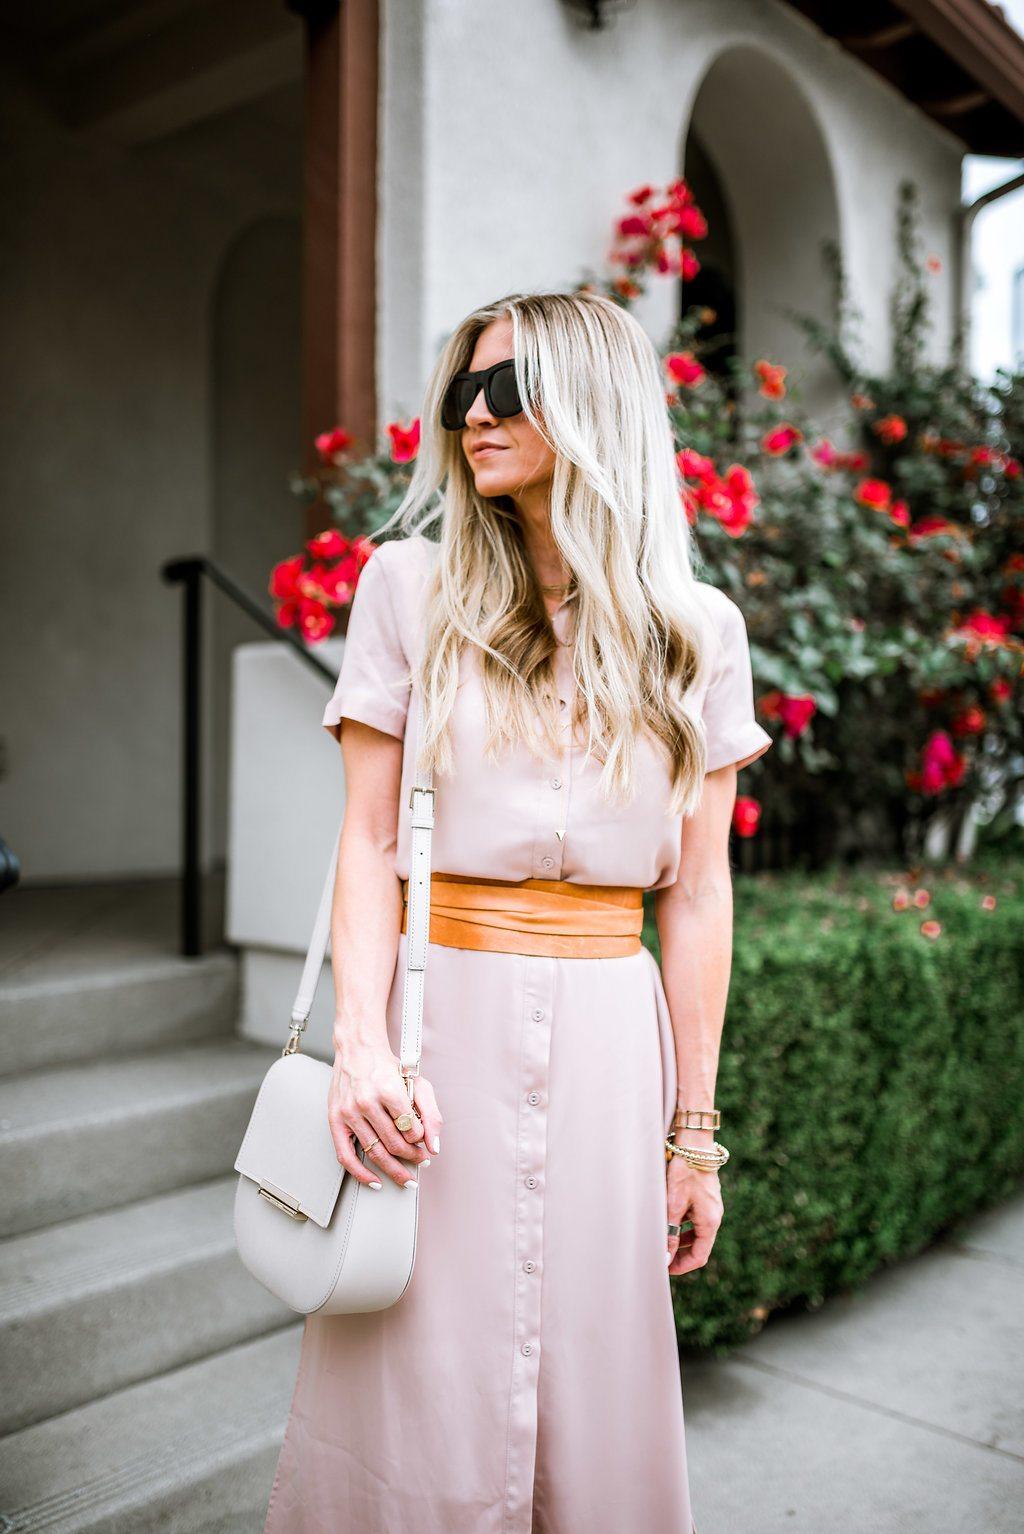 Blush button-up dress + wrap belt